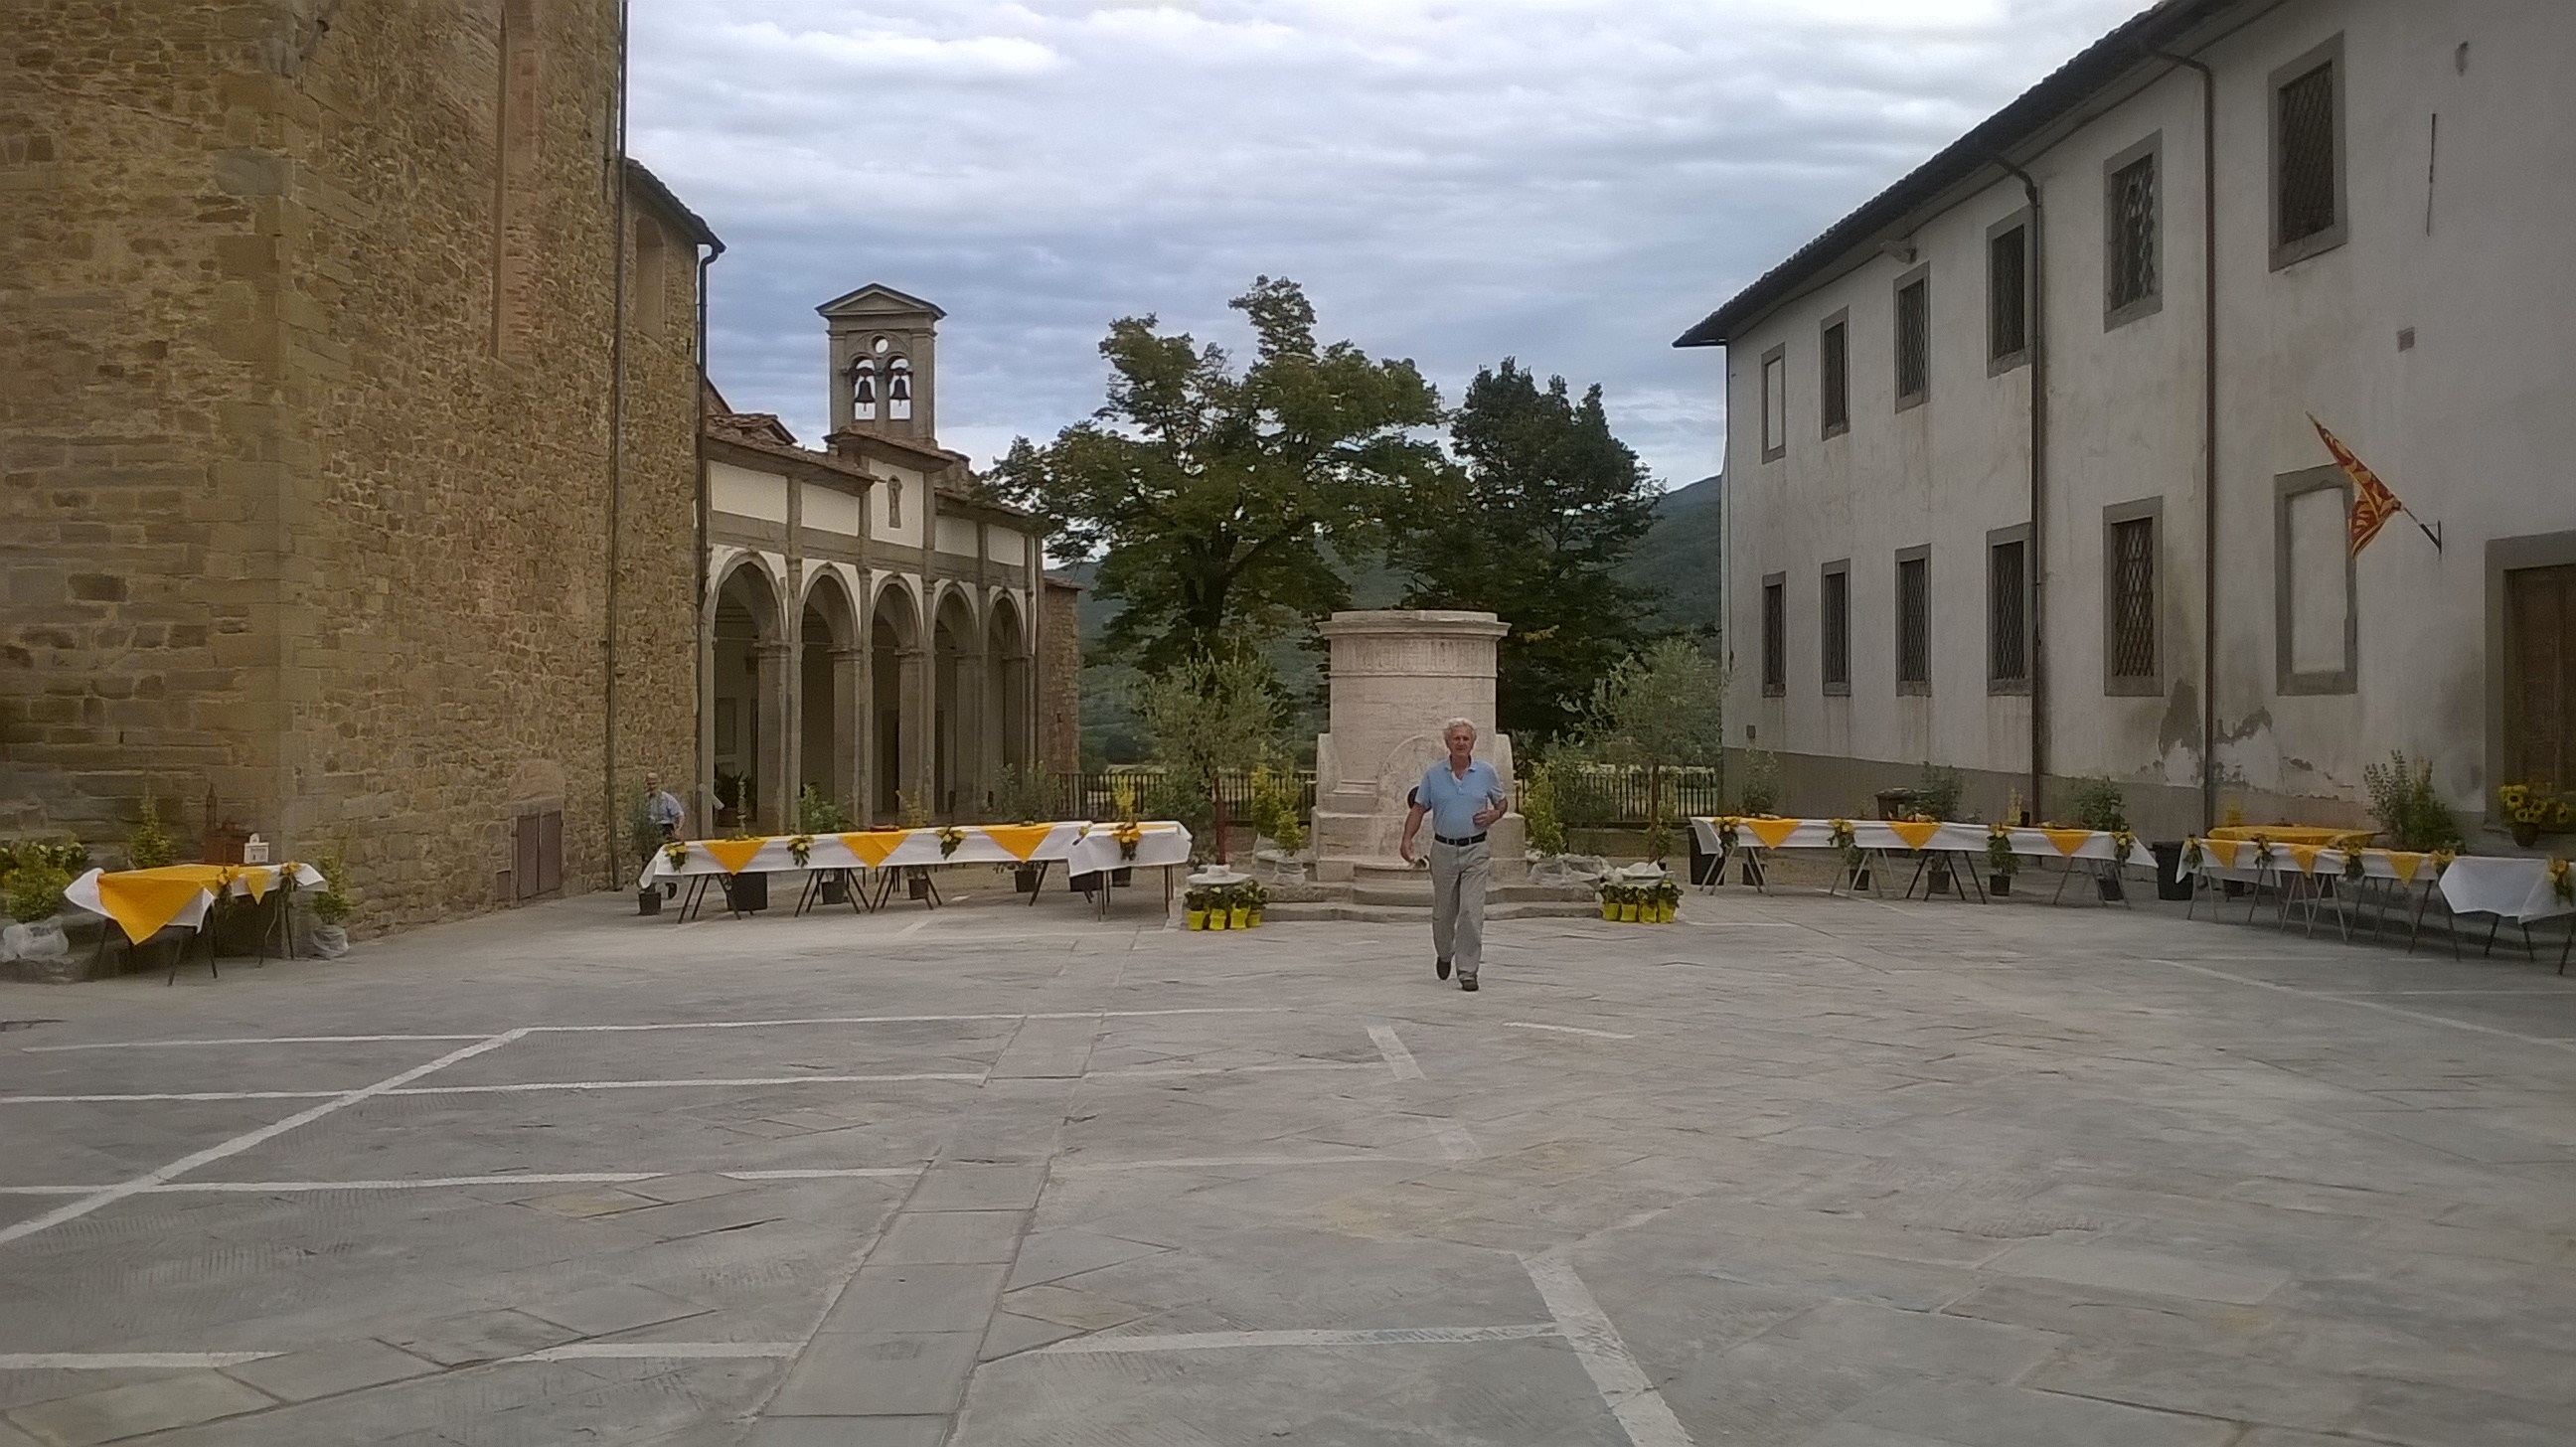 Considerazioni sulle politiche culturali a Castiglion Fiorentino